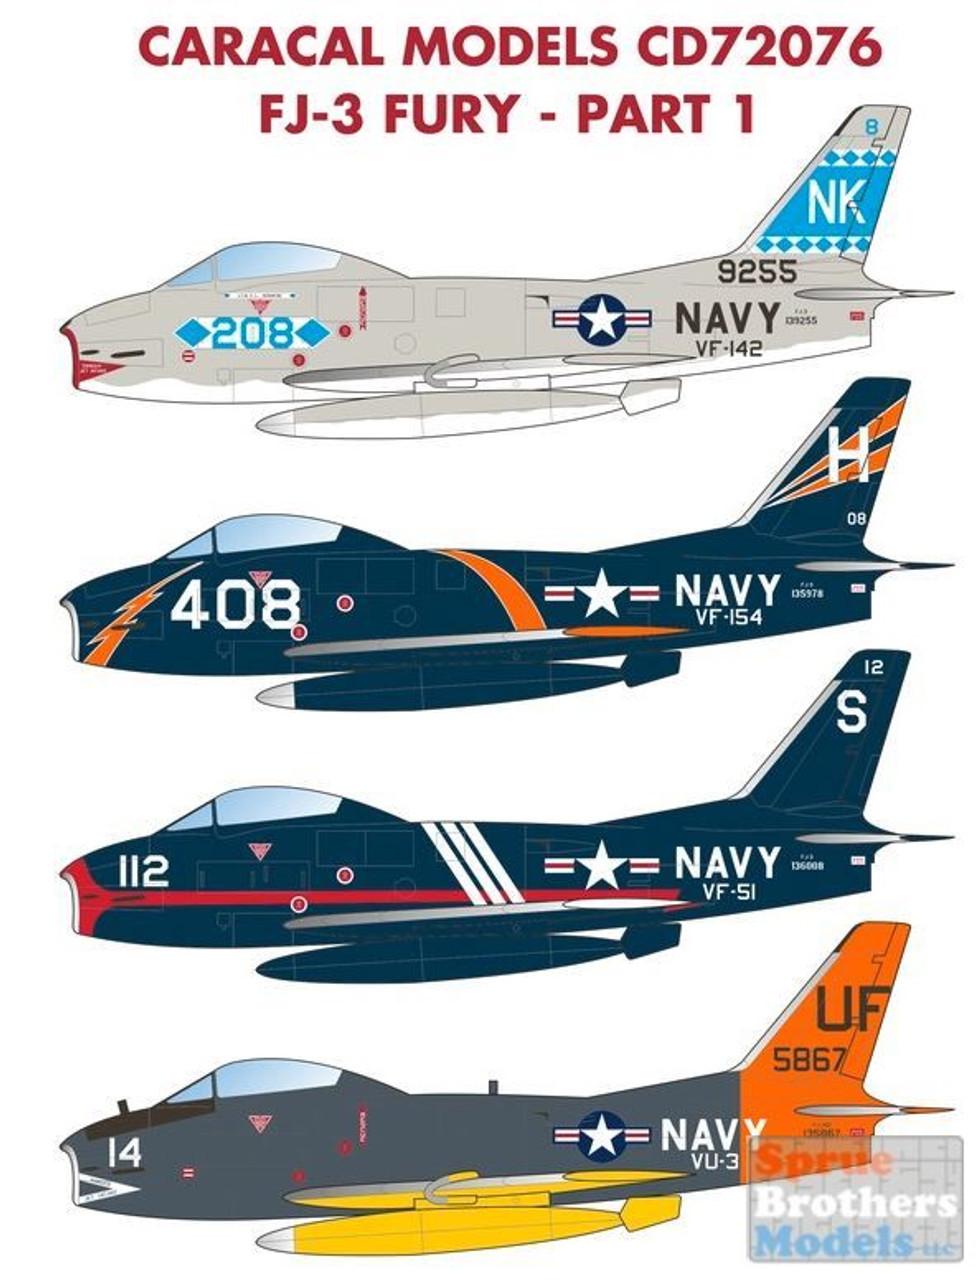 CARCD72076 1:72 Caracal Models Decals - FJ-3 Fury Part 1